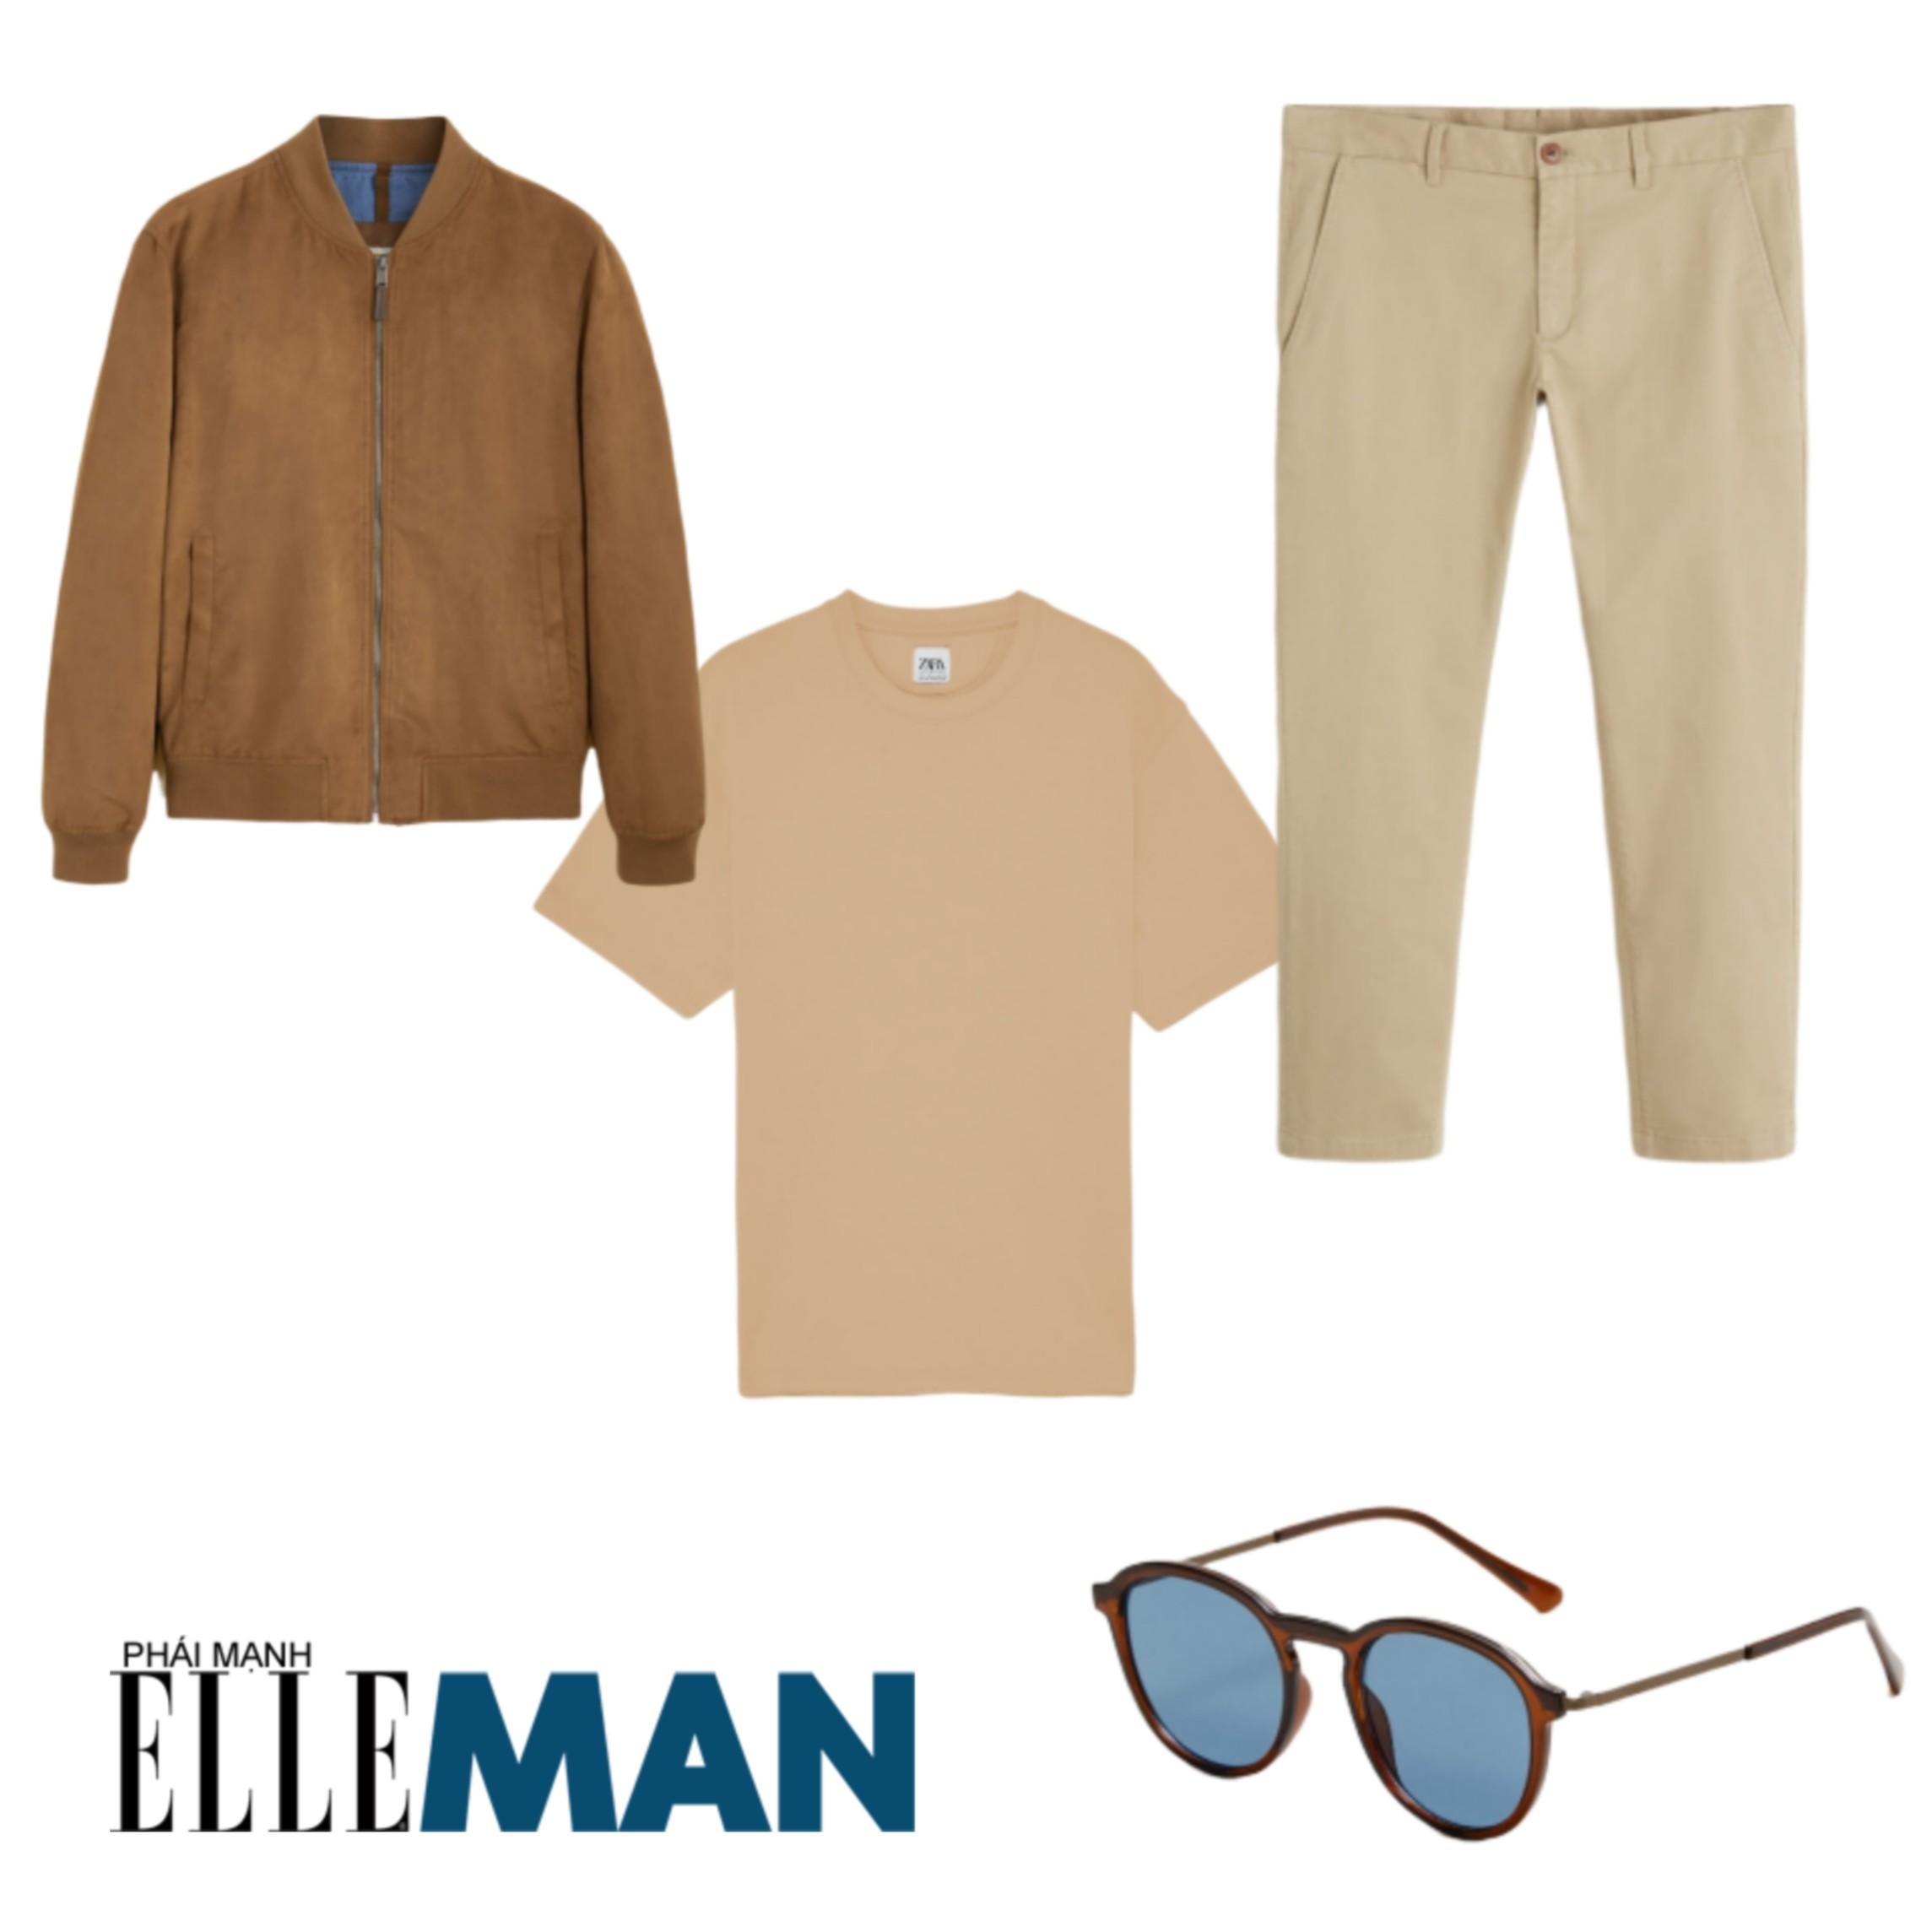 Trang phục đi biển ELLE Man gợi ý trang phục cho một buổi dạo chơi trên biển